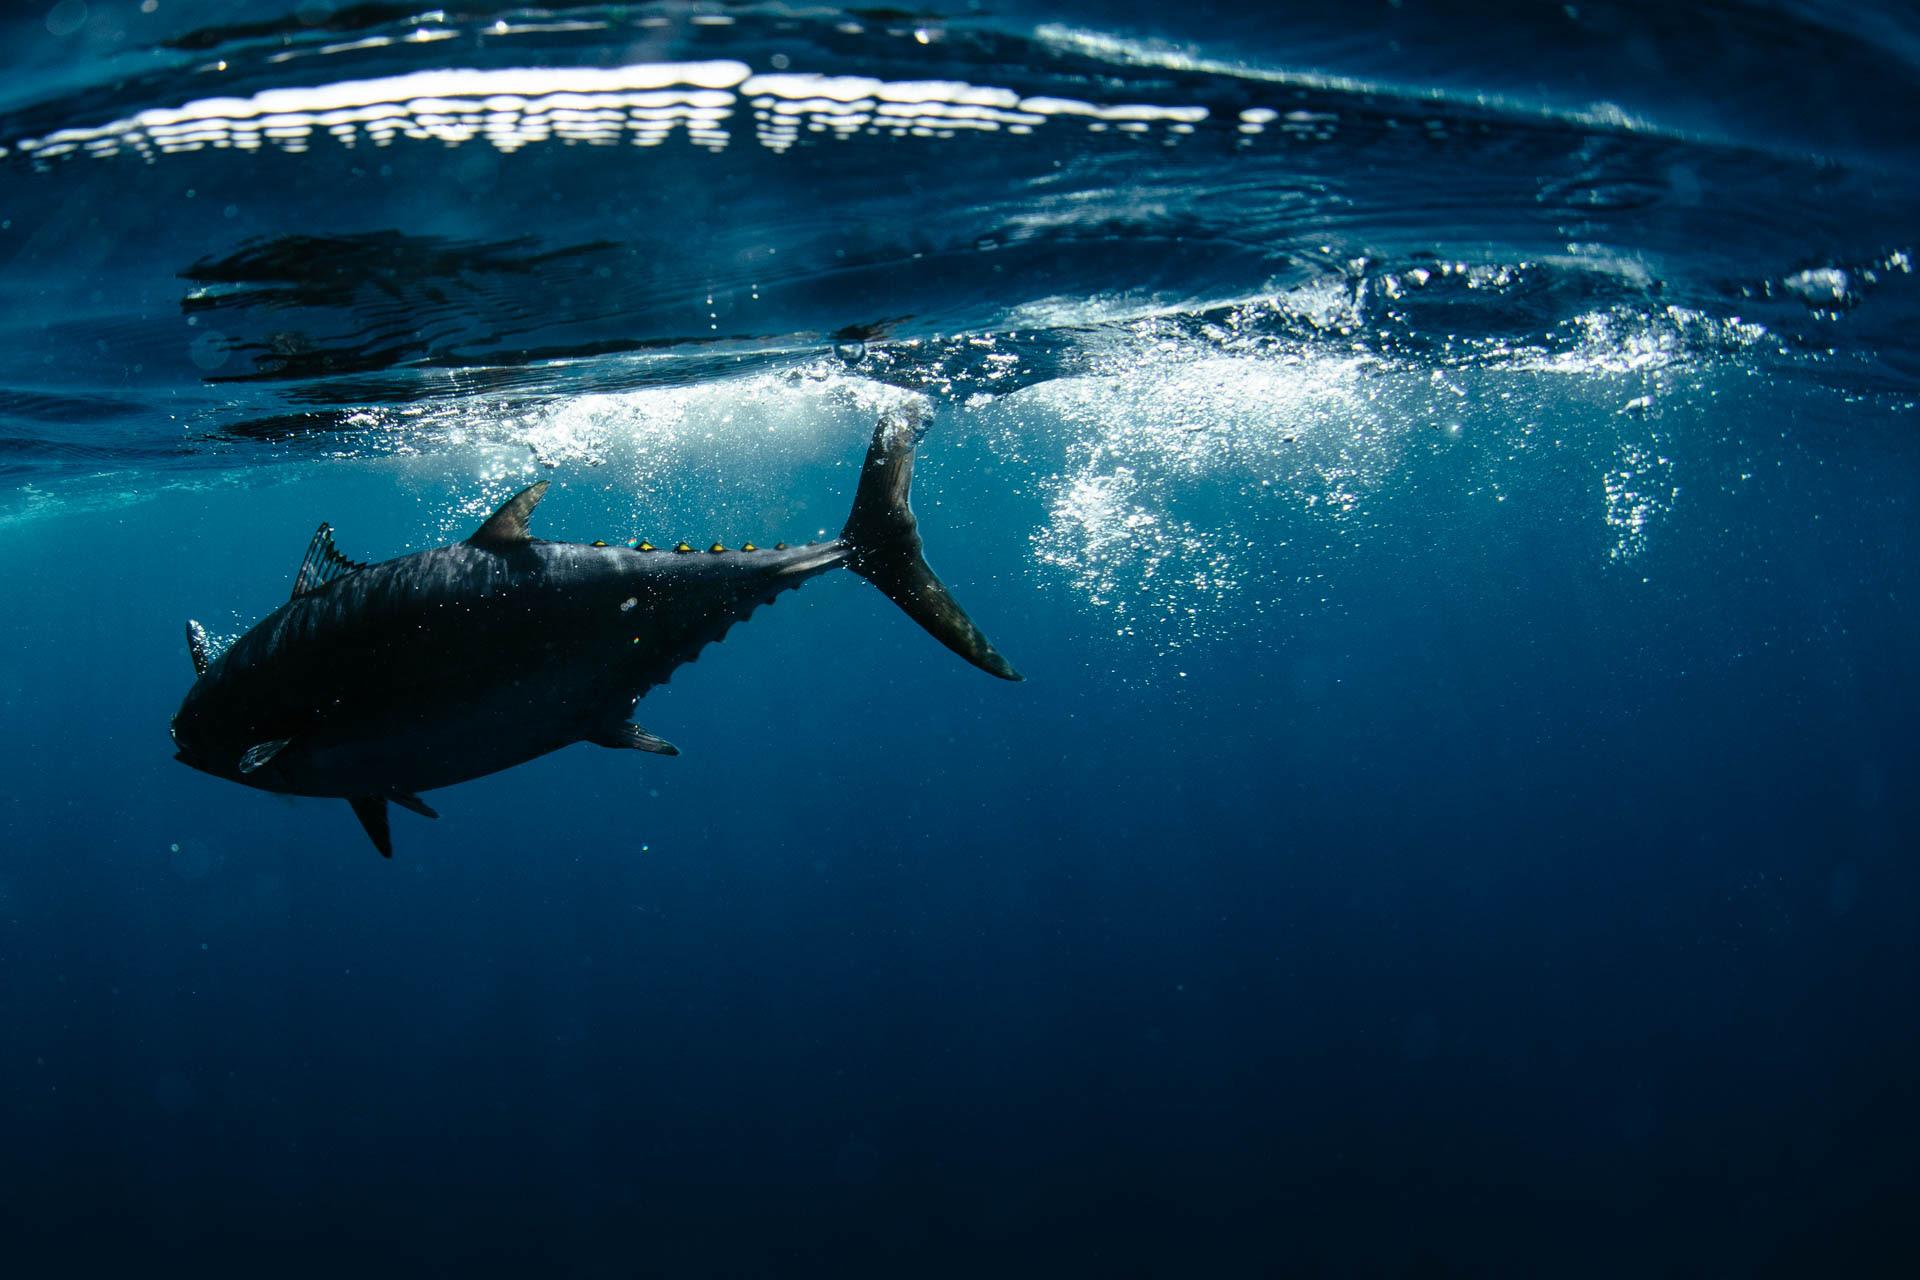 TRM tuna